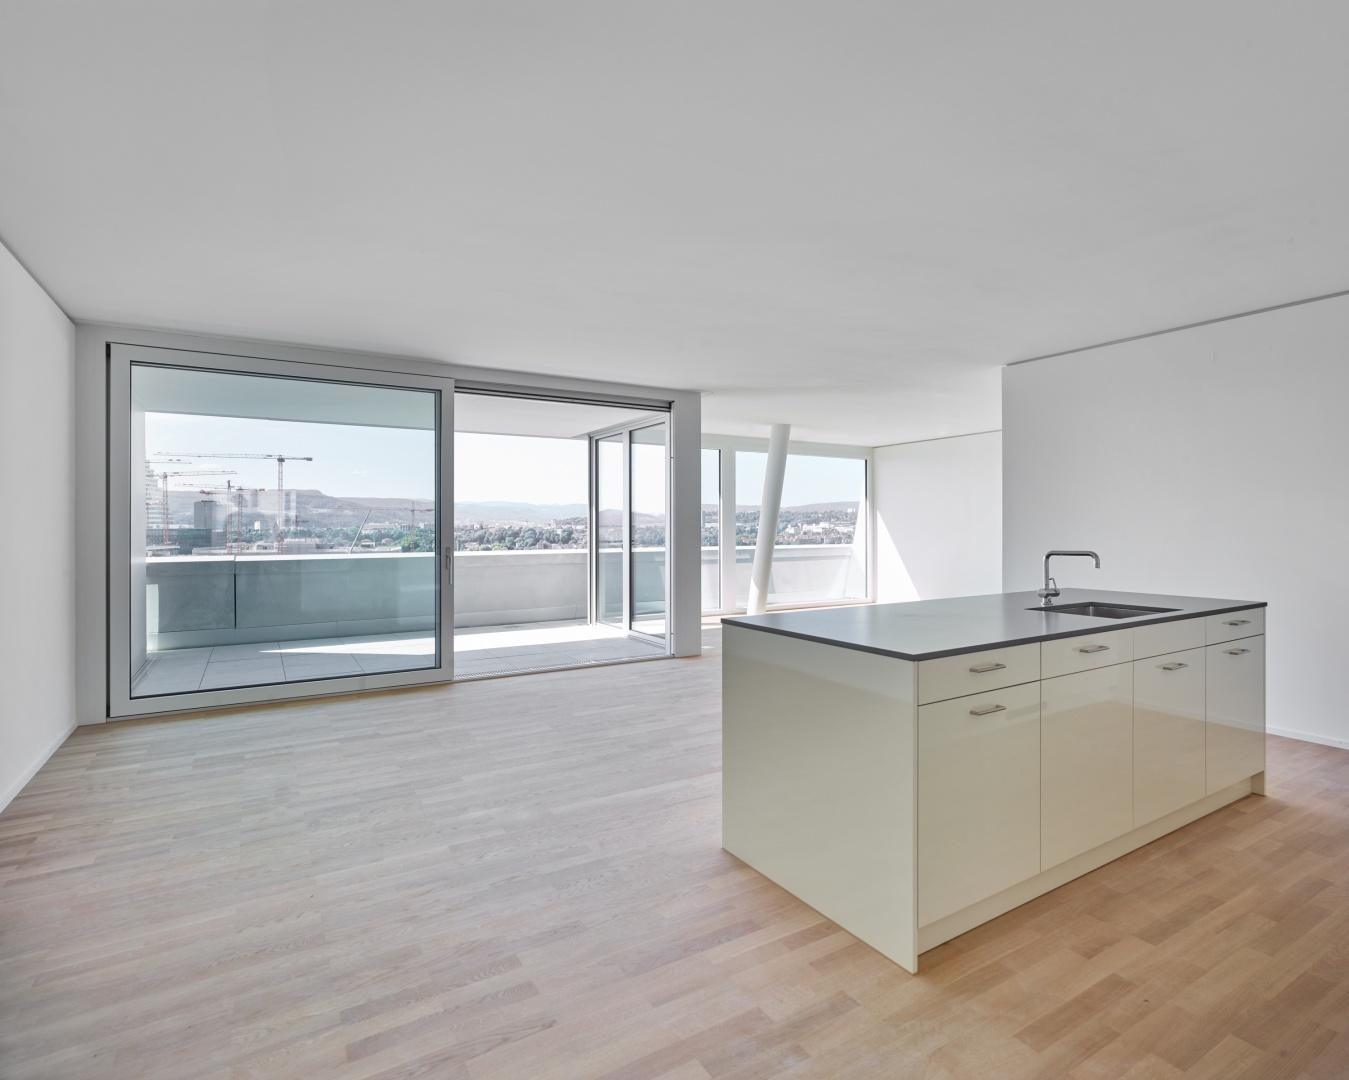 Wohnung  © Valentin Jeck, Stäfa